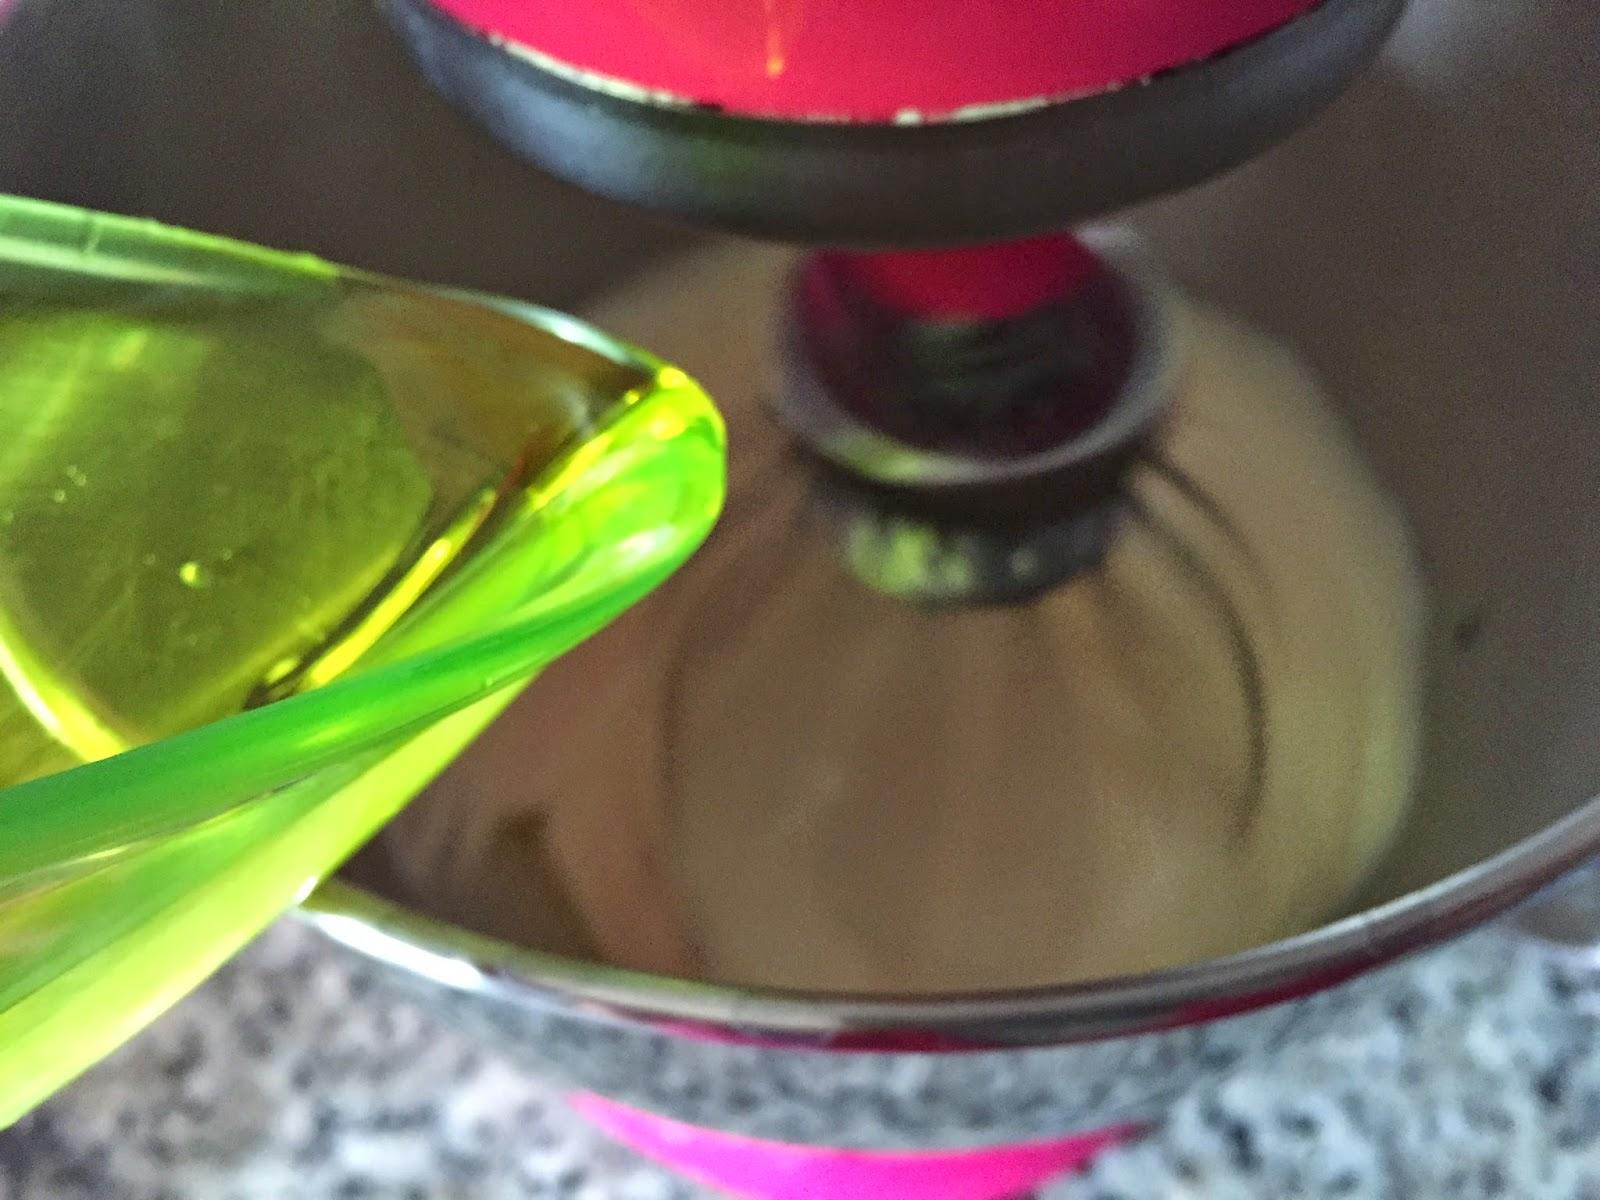 Magdalenas rellenas de mermelada, añadiendo aceite.